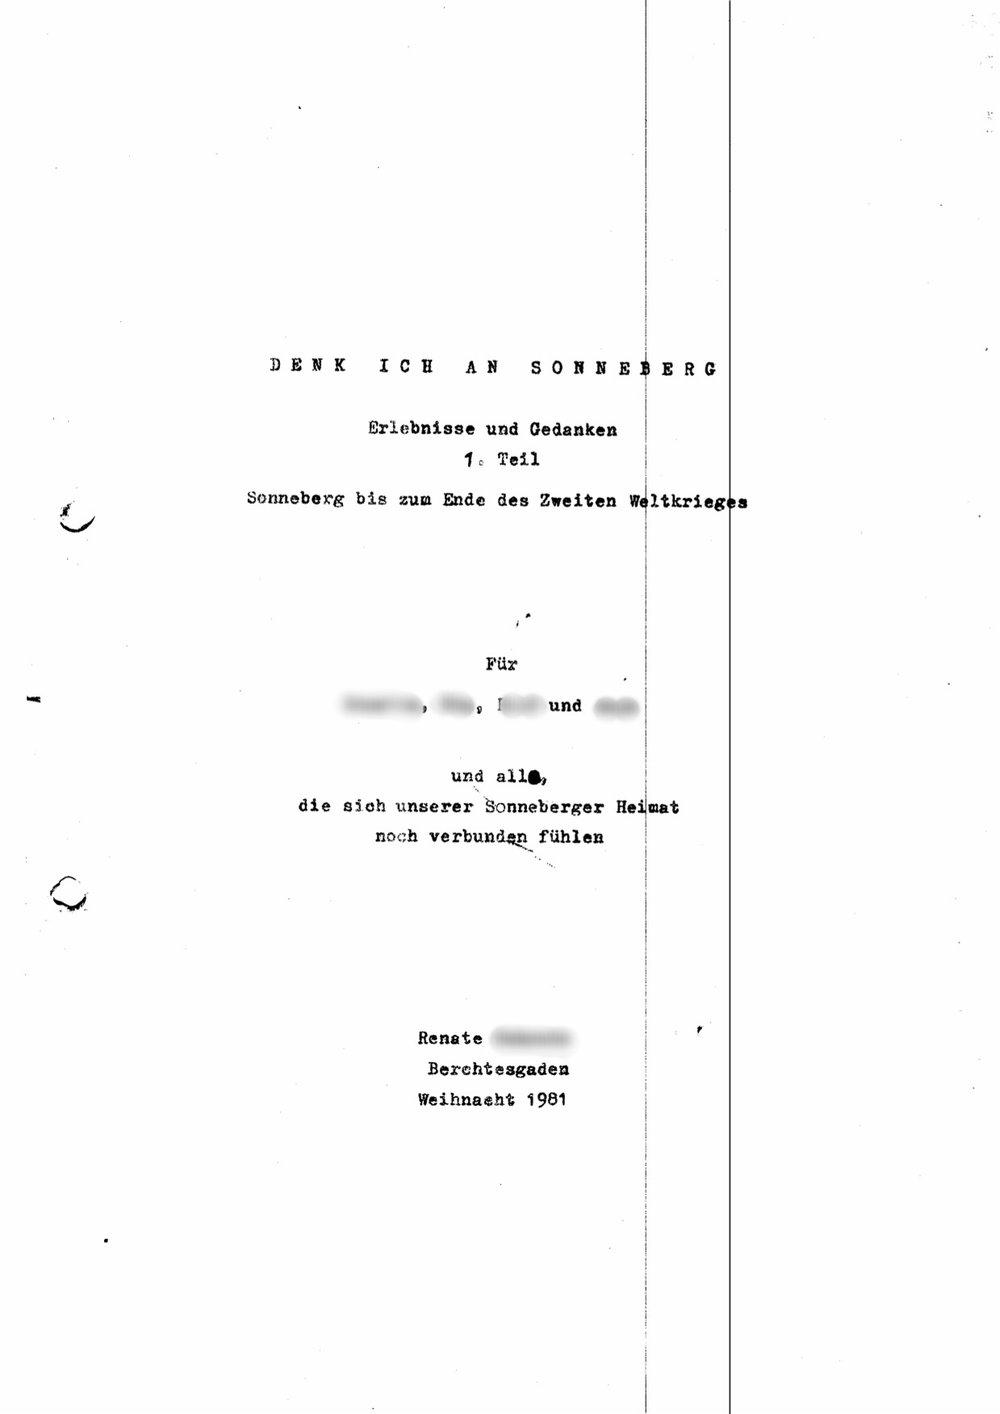 Denk Ich an Sonneberg - Renate Kehrein - Cover Page.jpg